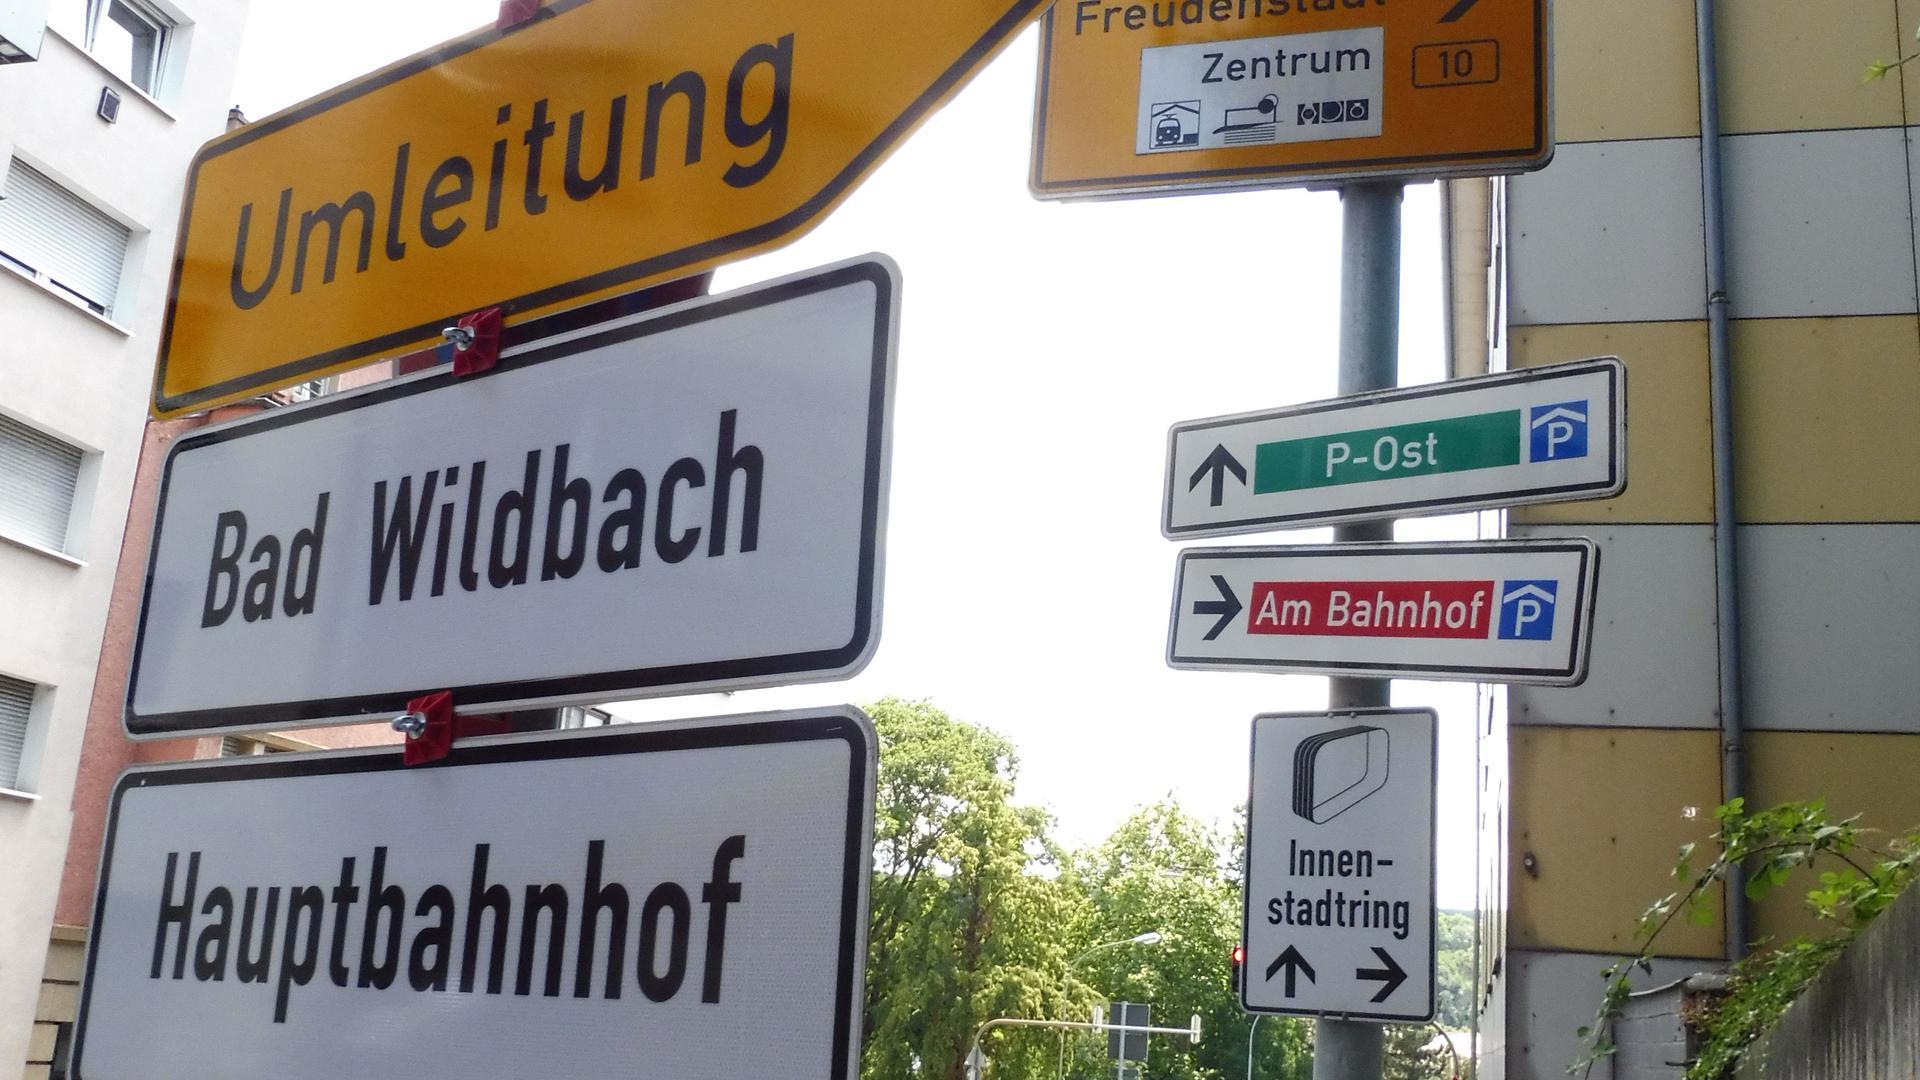 Bad oder Bach? In der Pforzheimer Oststadt irritiert ein Umleitungsschild derzeit die Autofahrer. Es ist nicht die erste Rechtschreibpanne auf Straßenschildern in der Goldstadt.